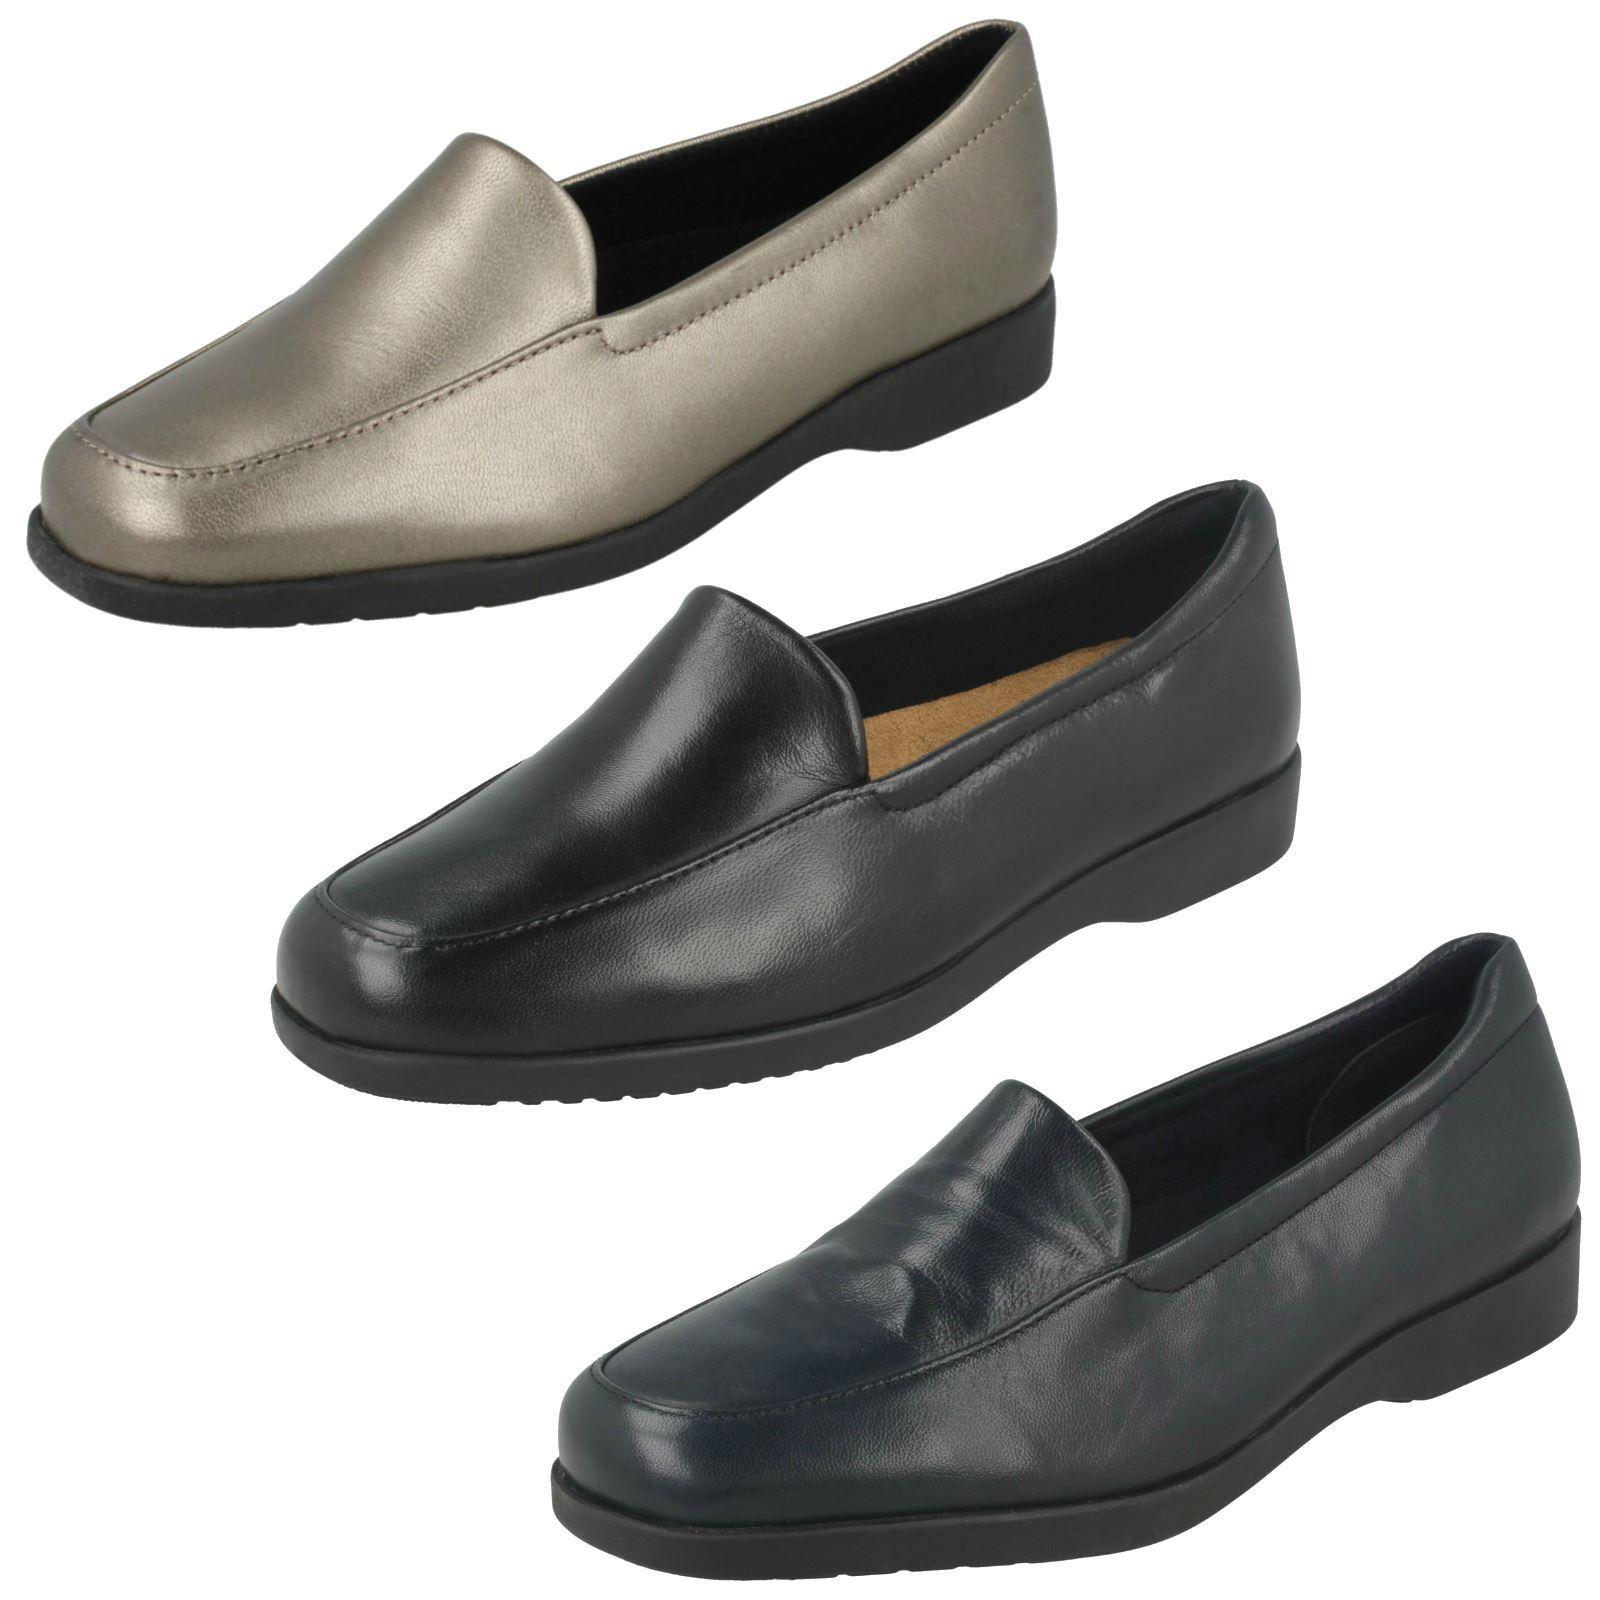 Damas Clarks Zapatos ESTILO MOCASÍN Plana Plana Plana  Georgia   autorización oficial